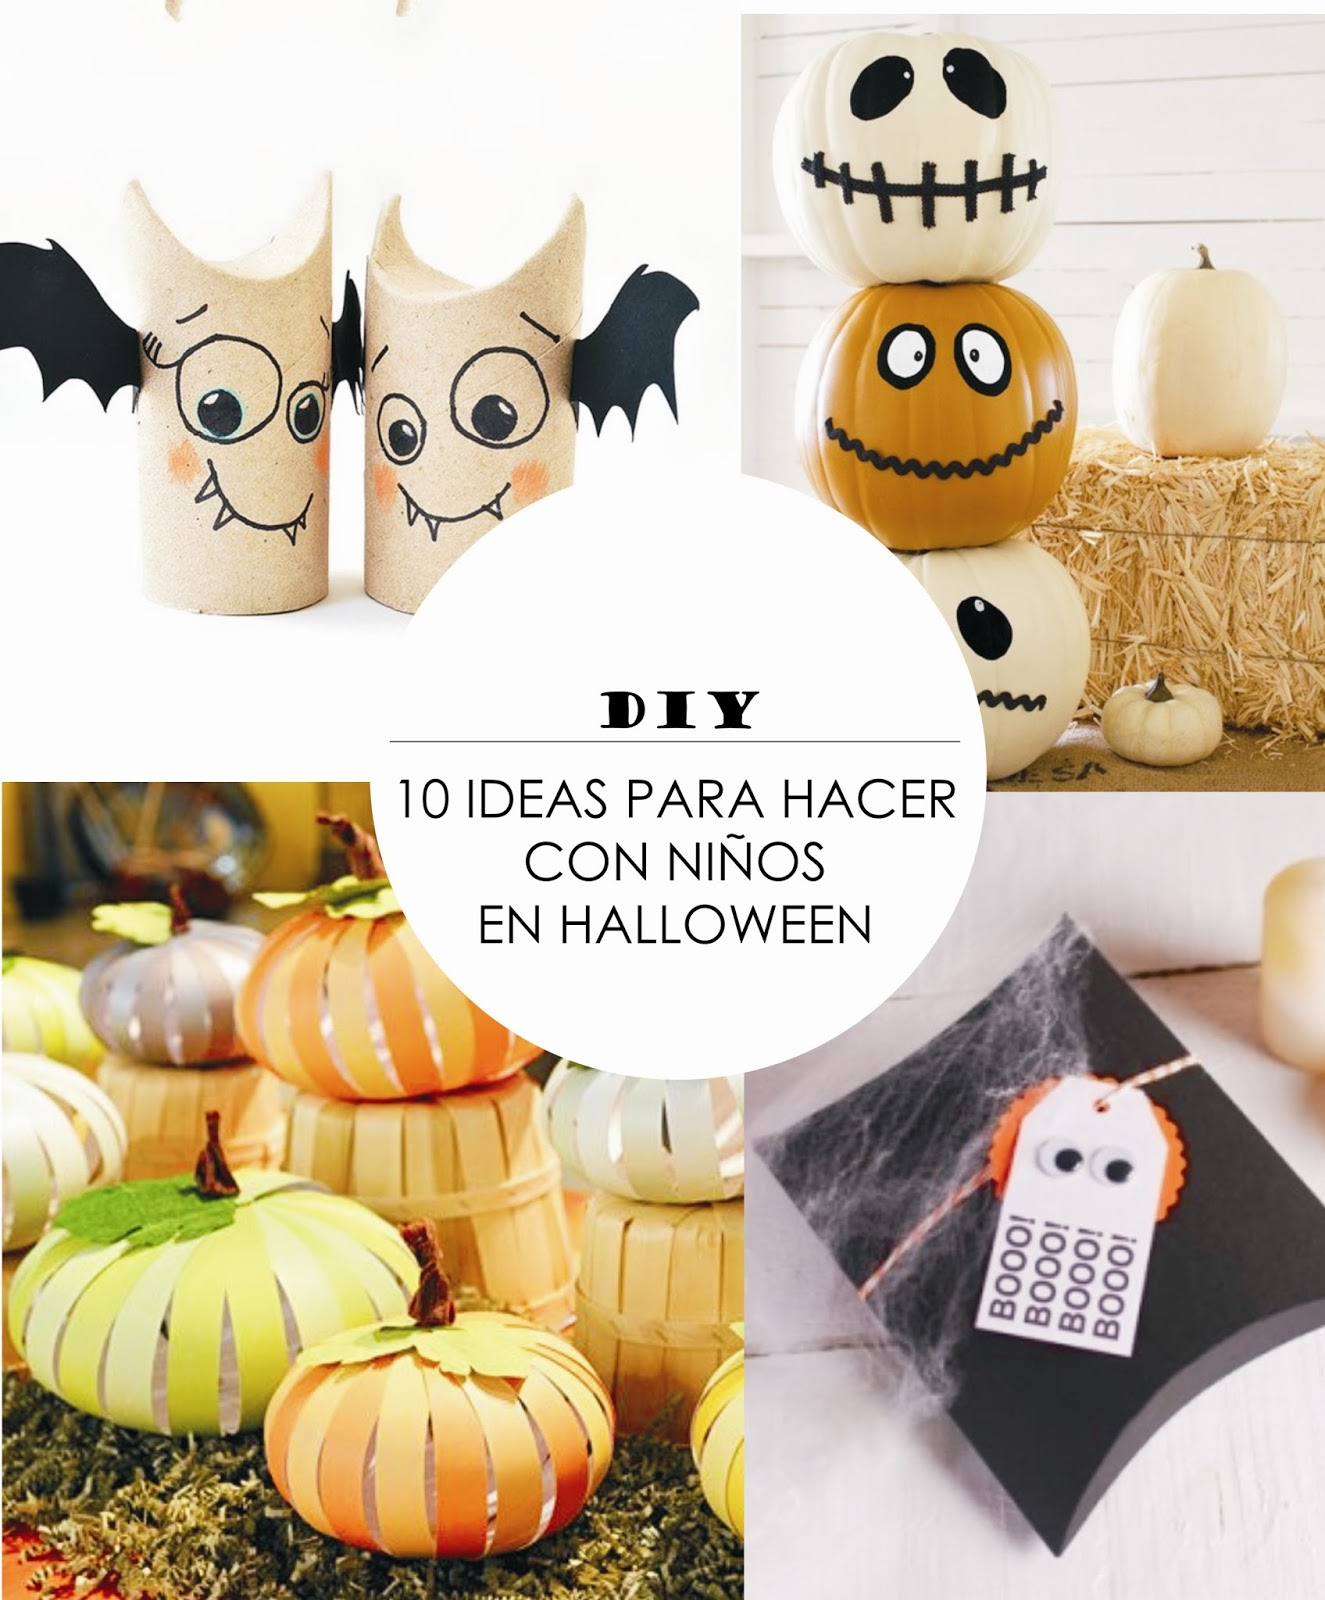 Y Un Poco De Diseno Diy 10 Ideas Super Baratas Para Hacer Con - Cosas-de-halloween-para-hacer-en-casa